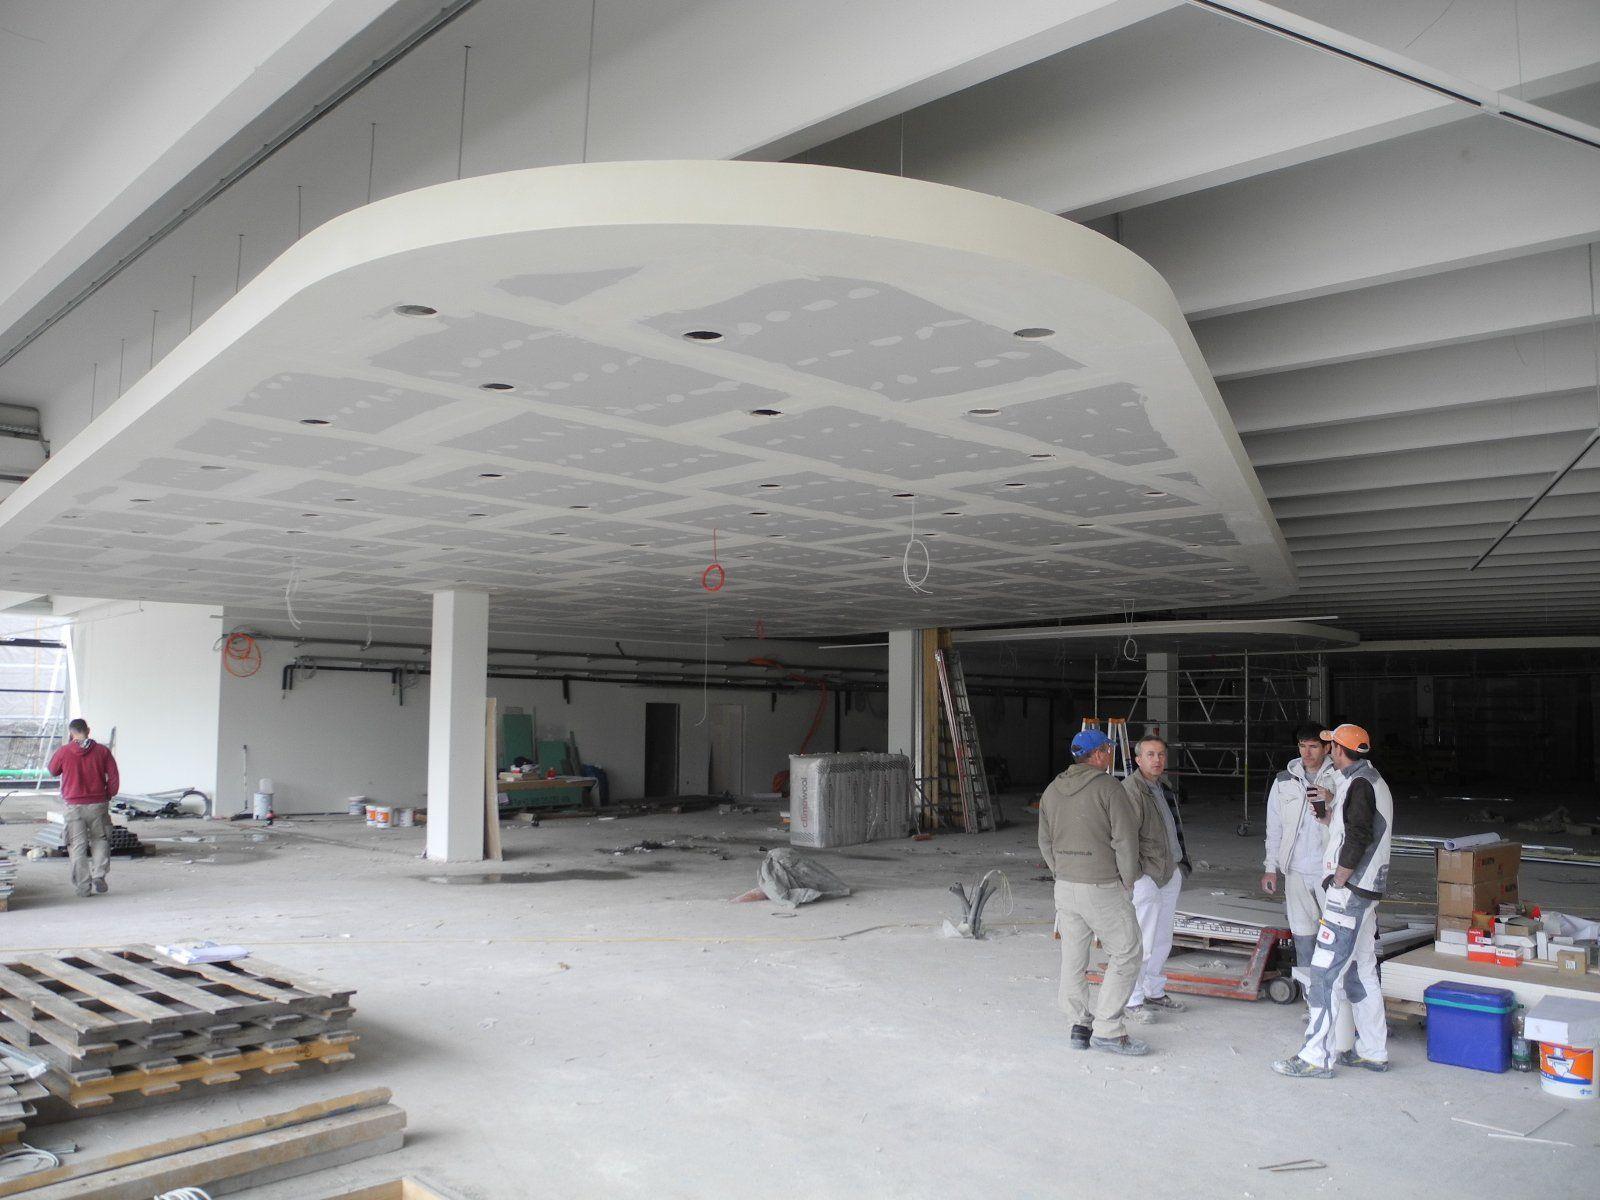 Die Decken des neuen Merkurmarktes werden Großteils abgehängt, riese Leuchtstoffröhrenbänder installiert und zahlreiche Kanten und Ecken elegant abgerundet.